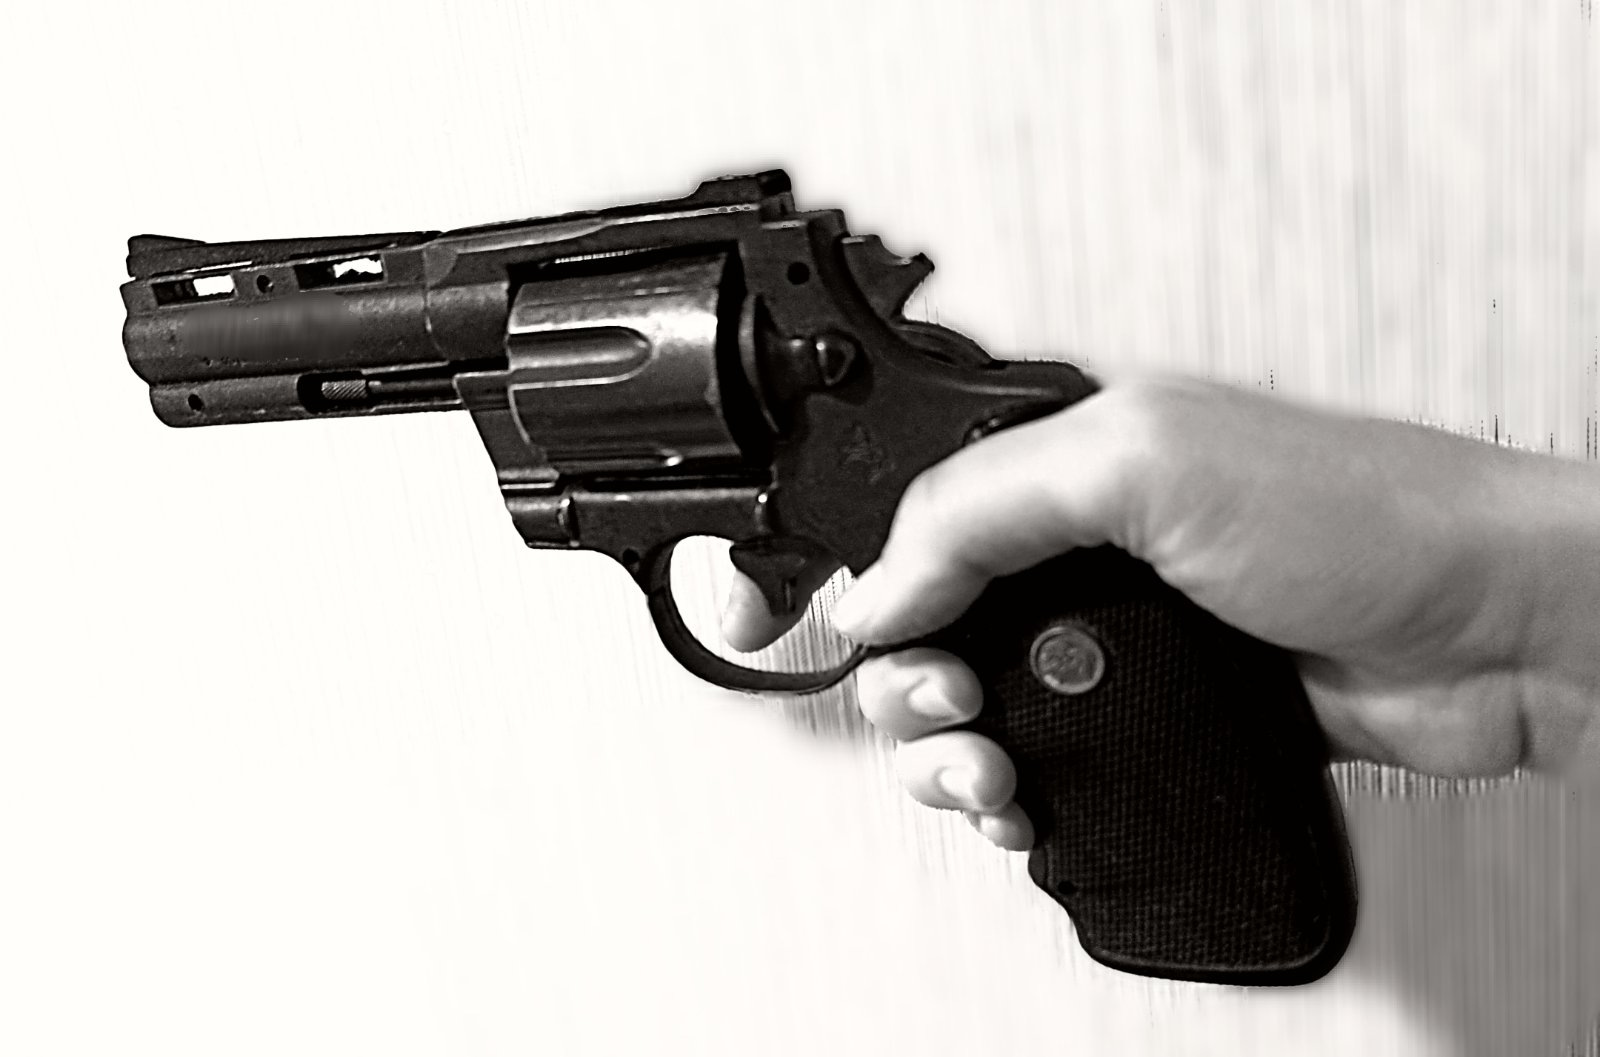 У ТРЦ на столичній Оболоні сталася стрілянина: є постраждалий - стрілянина, постраждалий, Поліція - yzobrazhenye viber 2020 09 11 10 10 33